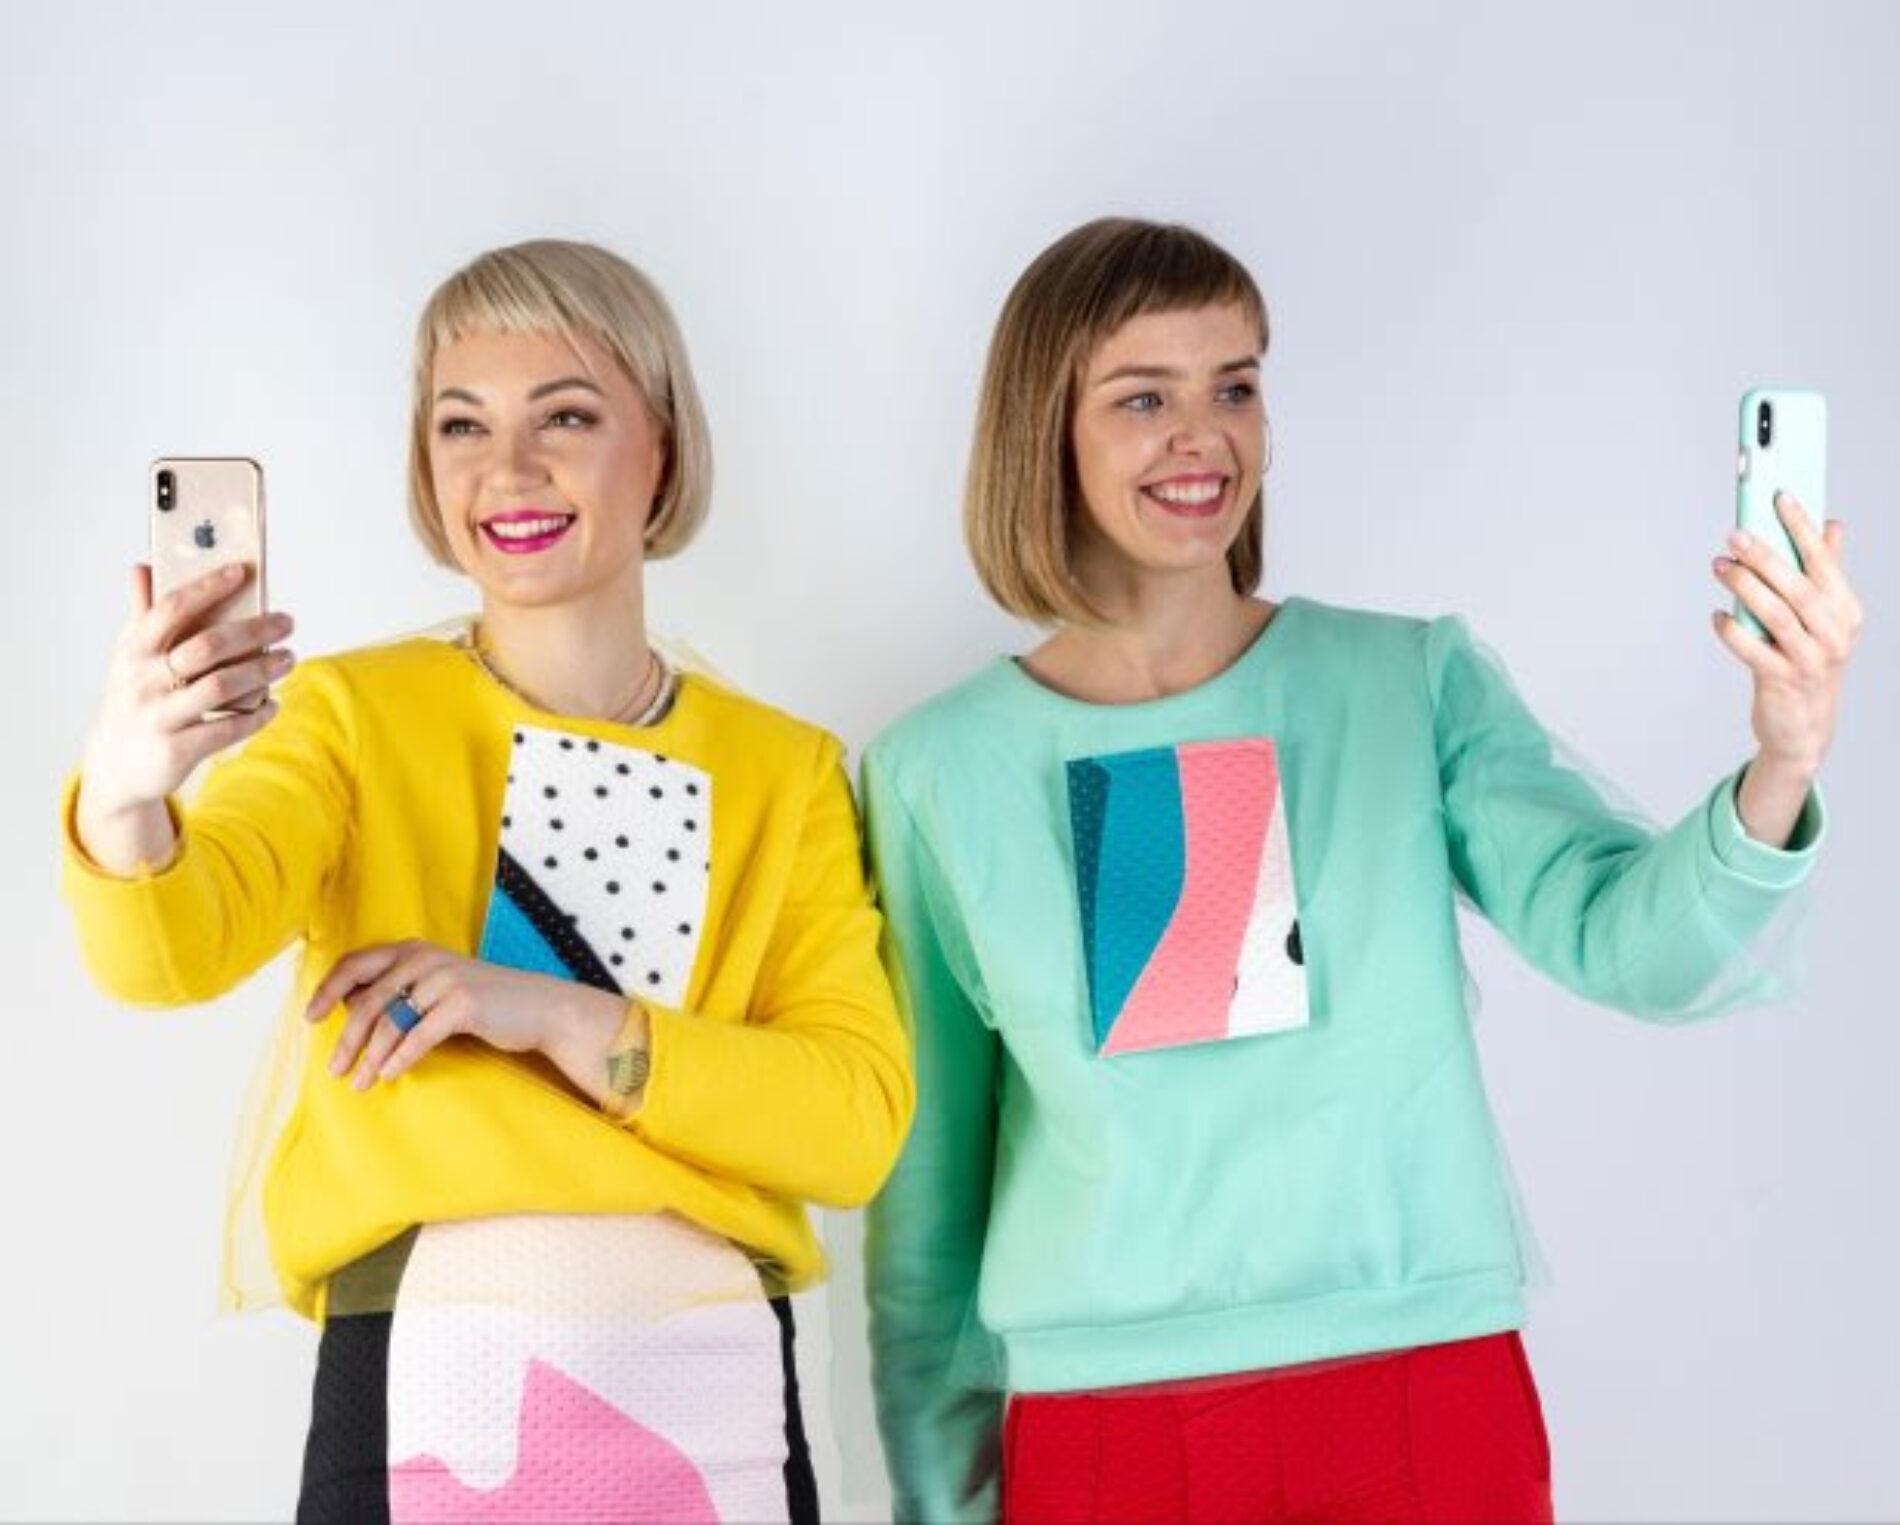 Moda para videollamadas: piezas llamativas que se adaptan a la pantalla